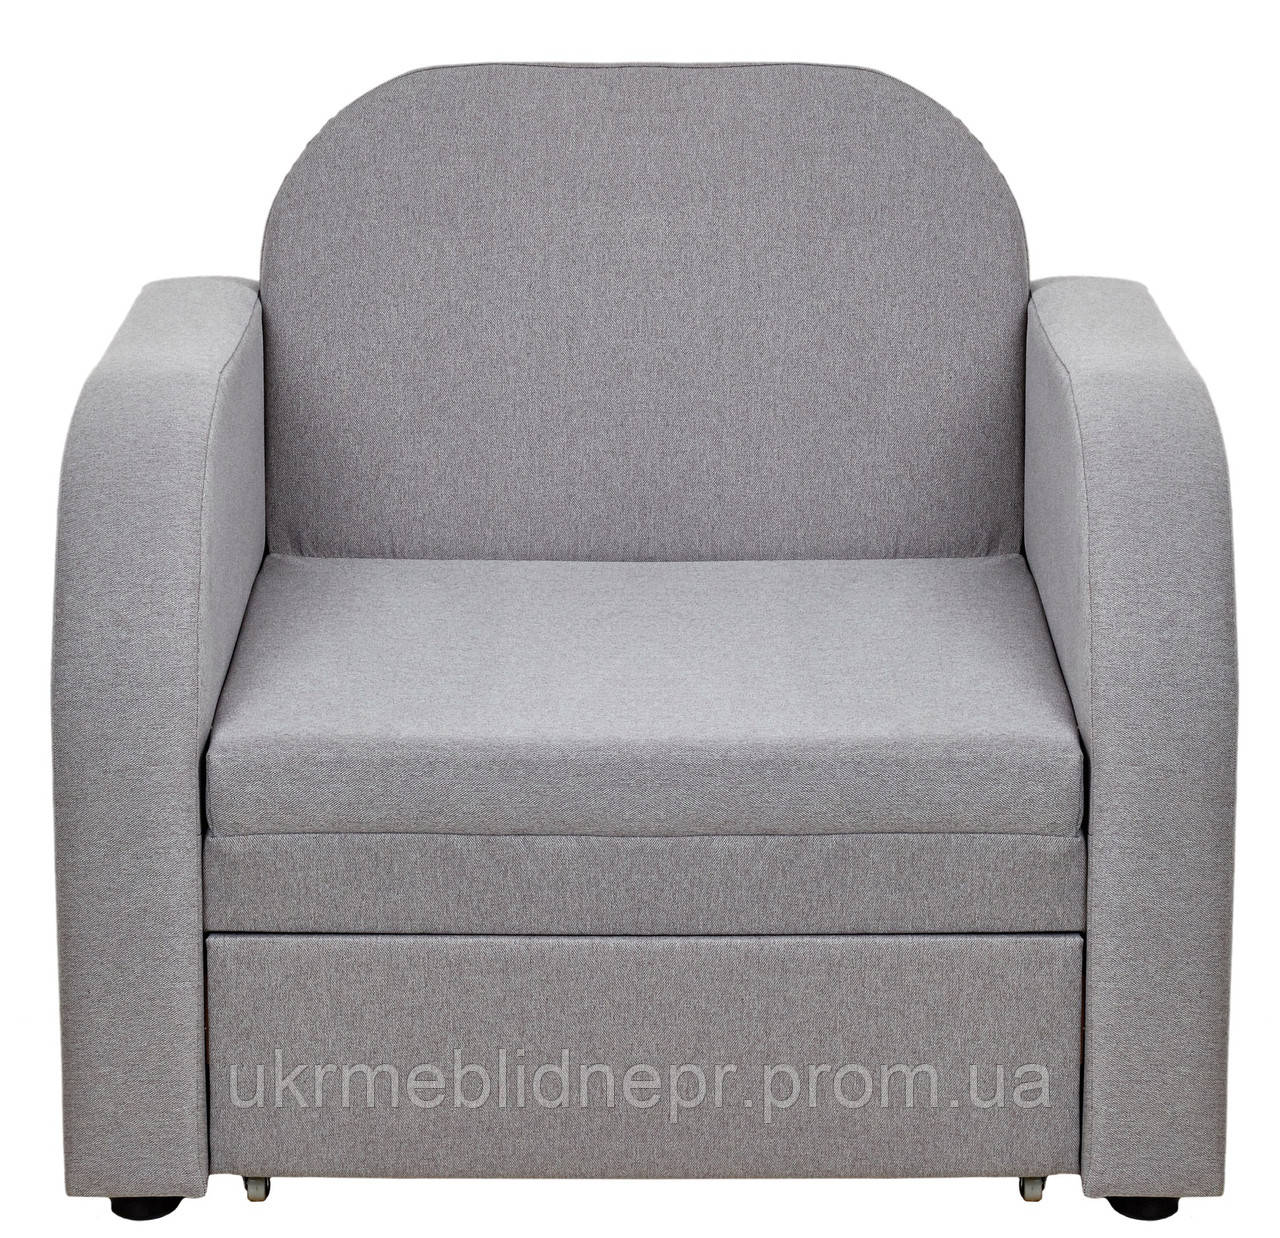 Кресло кровать Релакс